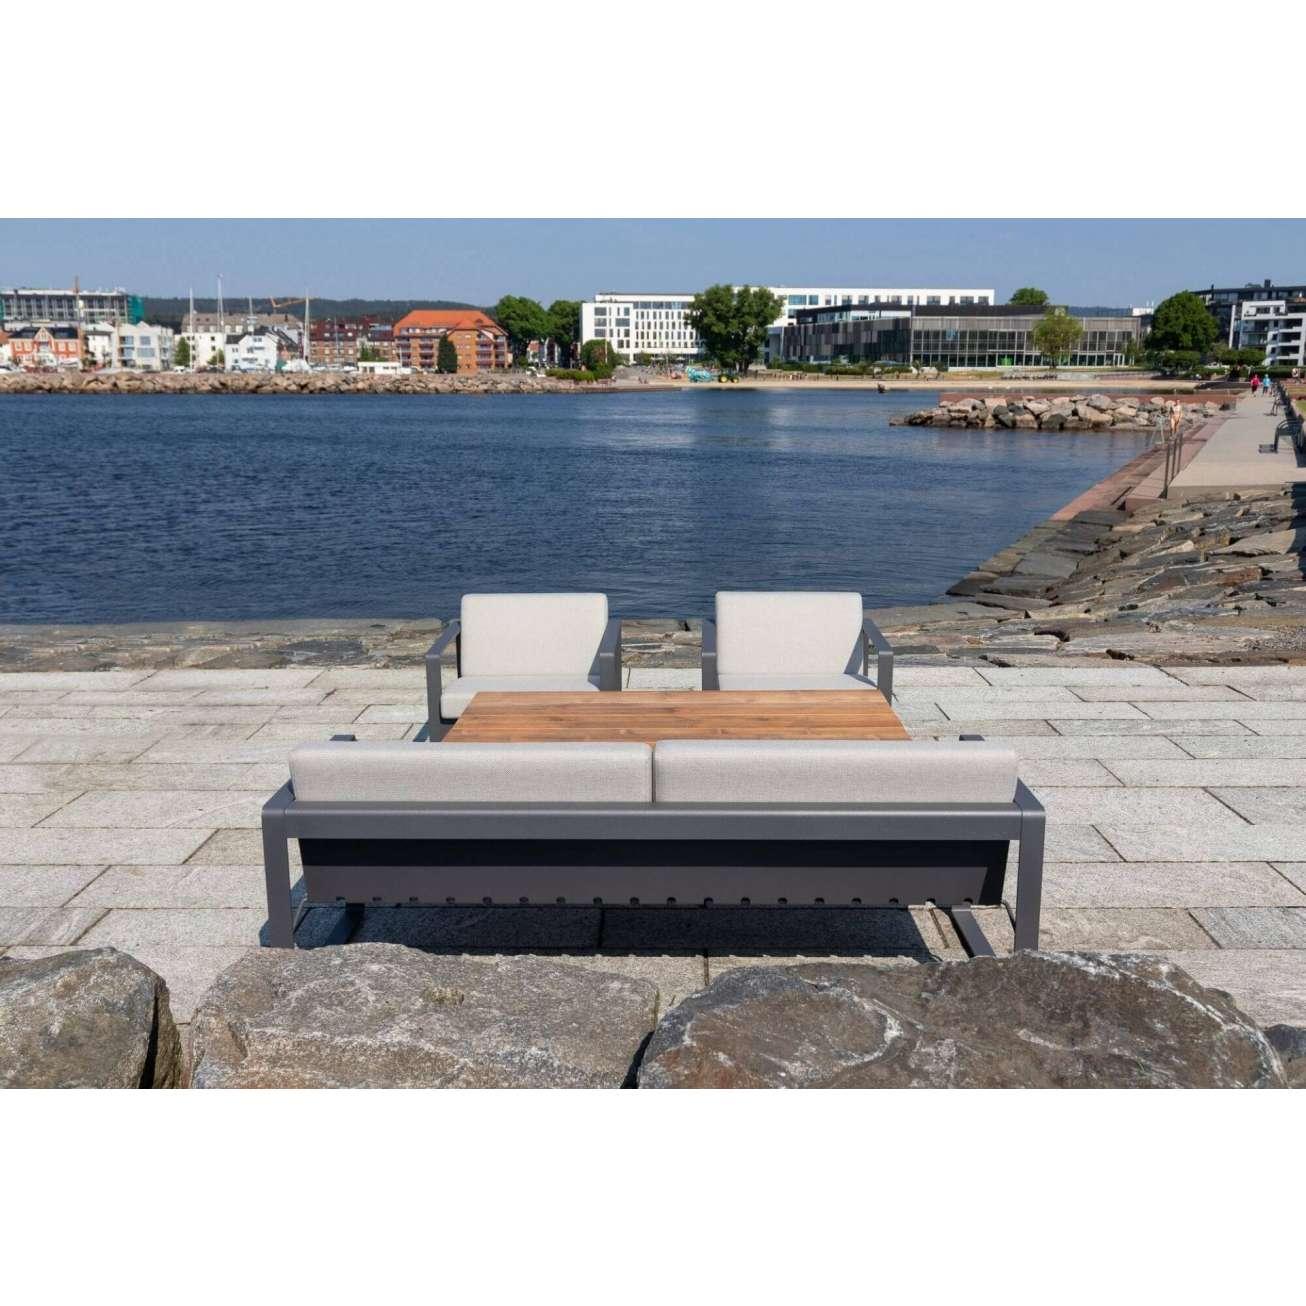 Sundays Core sofagruppe i mørkgrå aluminium med puter i lys grå farge på uteplass ved havet